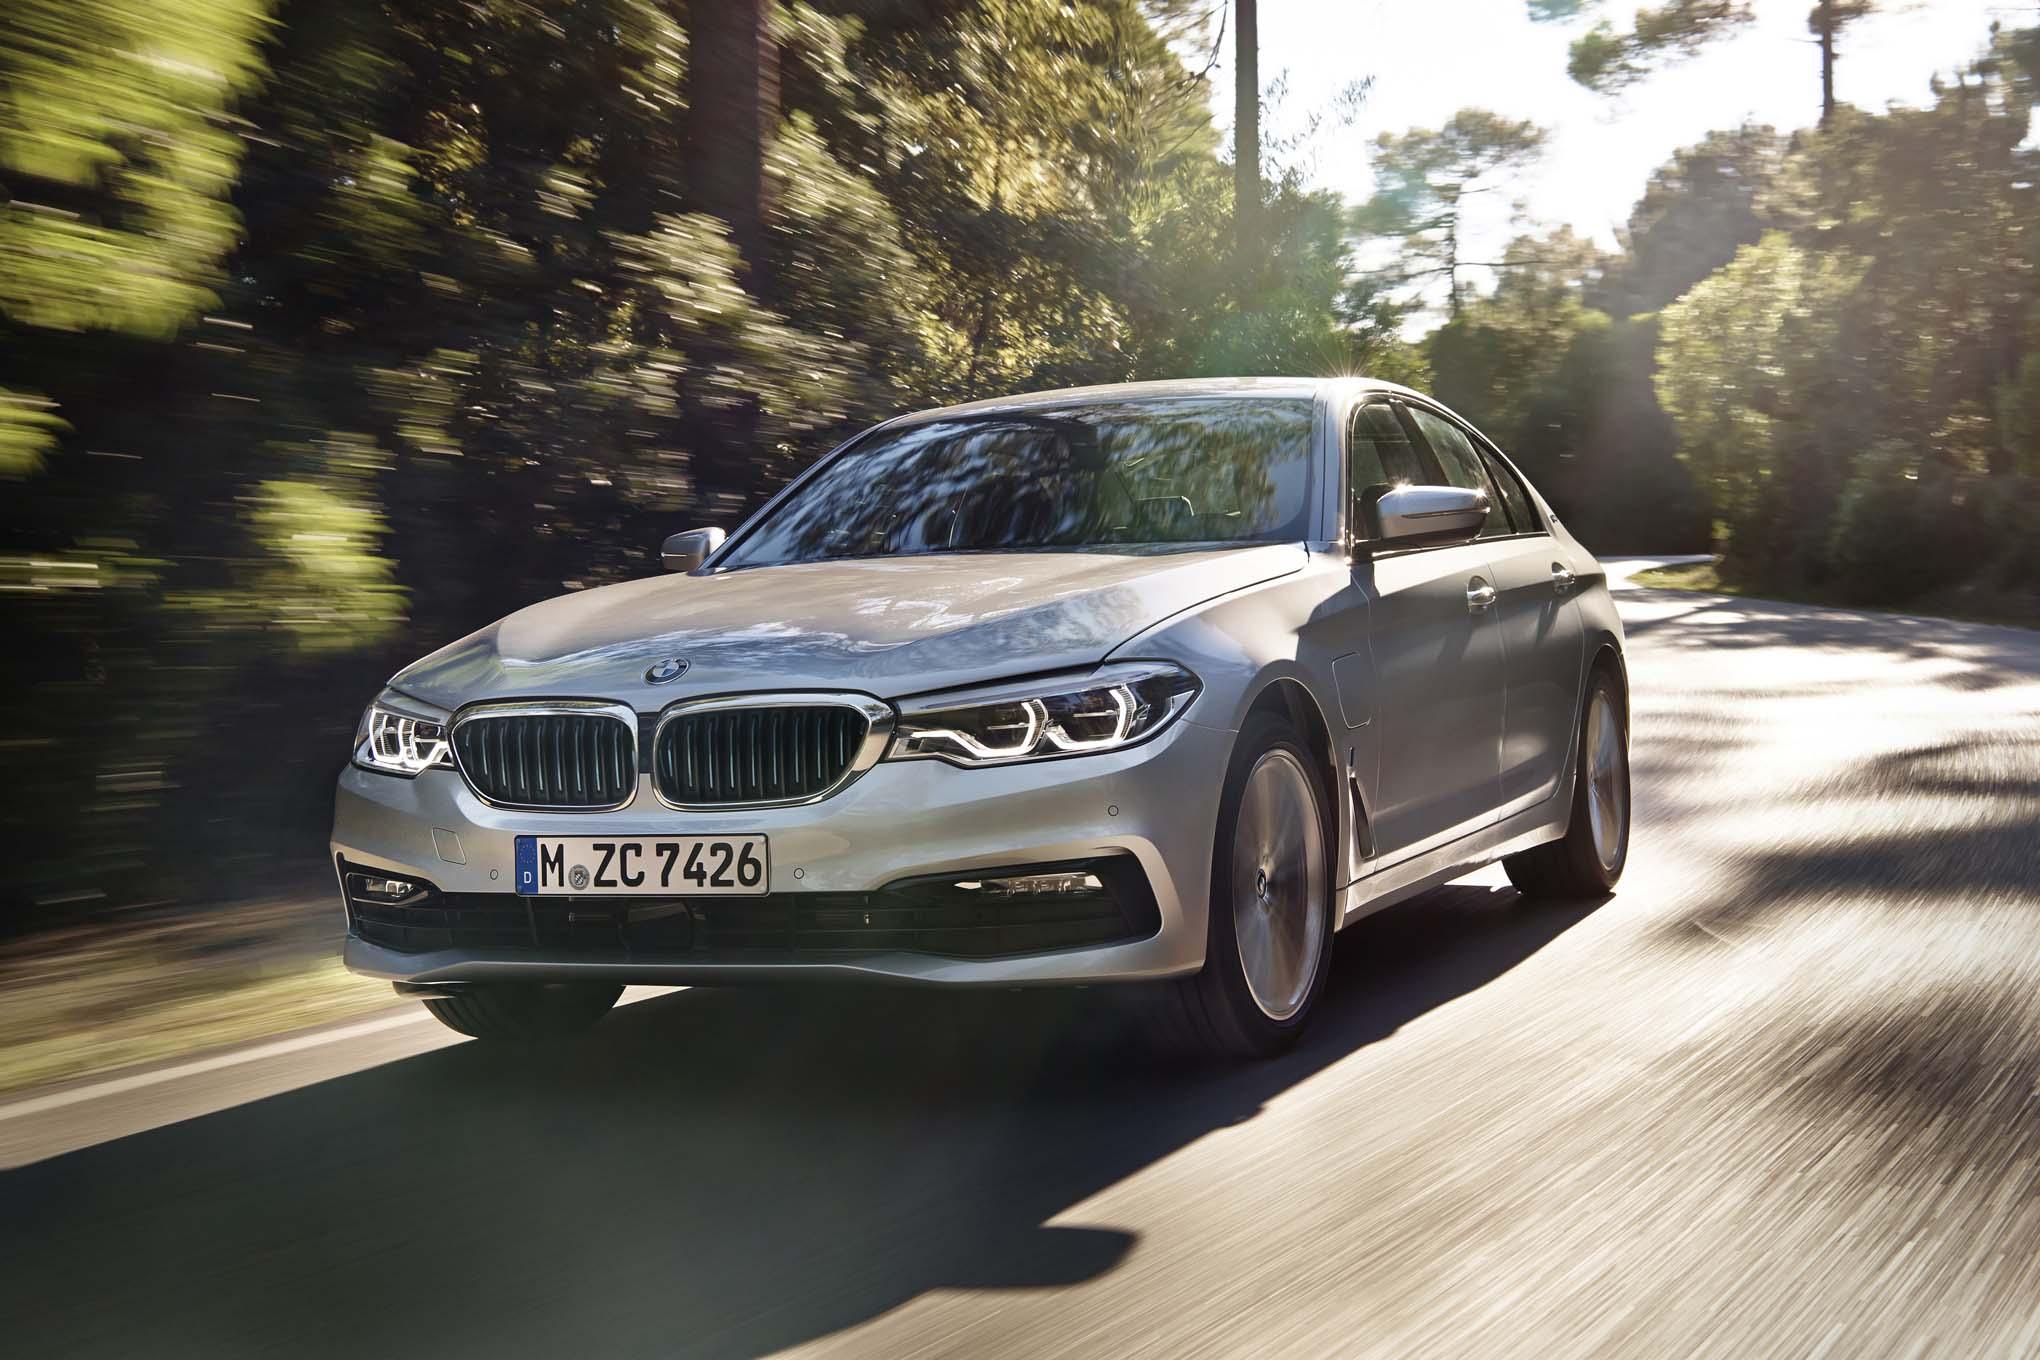 BMW 530e IPERFORMANCE 2018: TECNOLOGÍA QUE POSICIONA LA MARCA EN EL TOP 3 DE LOS ELÉCTRICOS